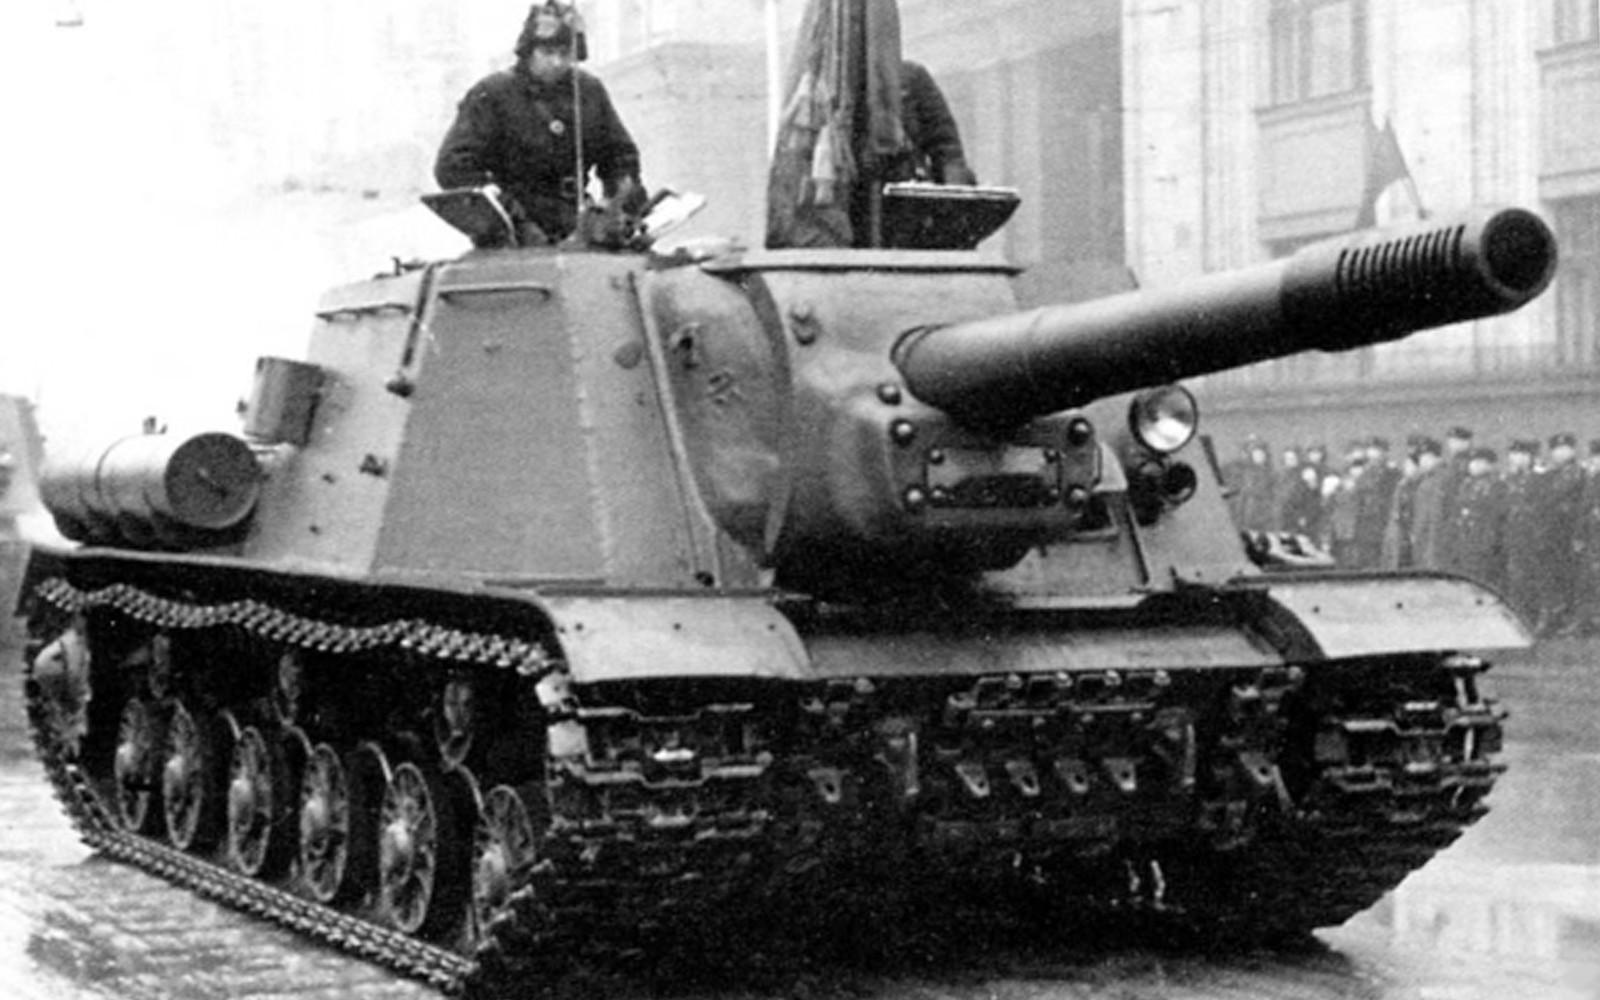 Сталинский «Зверобой»: какую роль сыграла вВОВ легендарная советская самоходка (ФОТО)